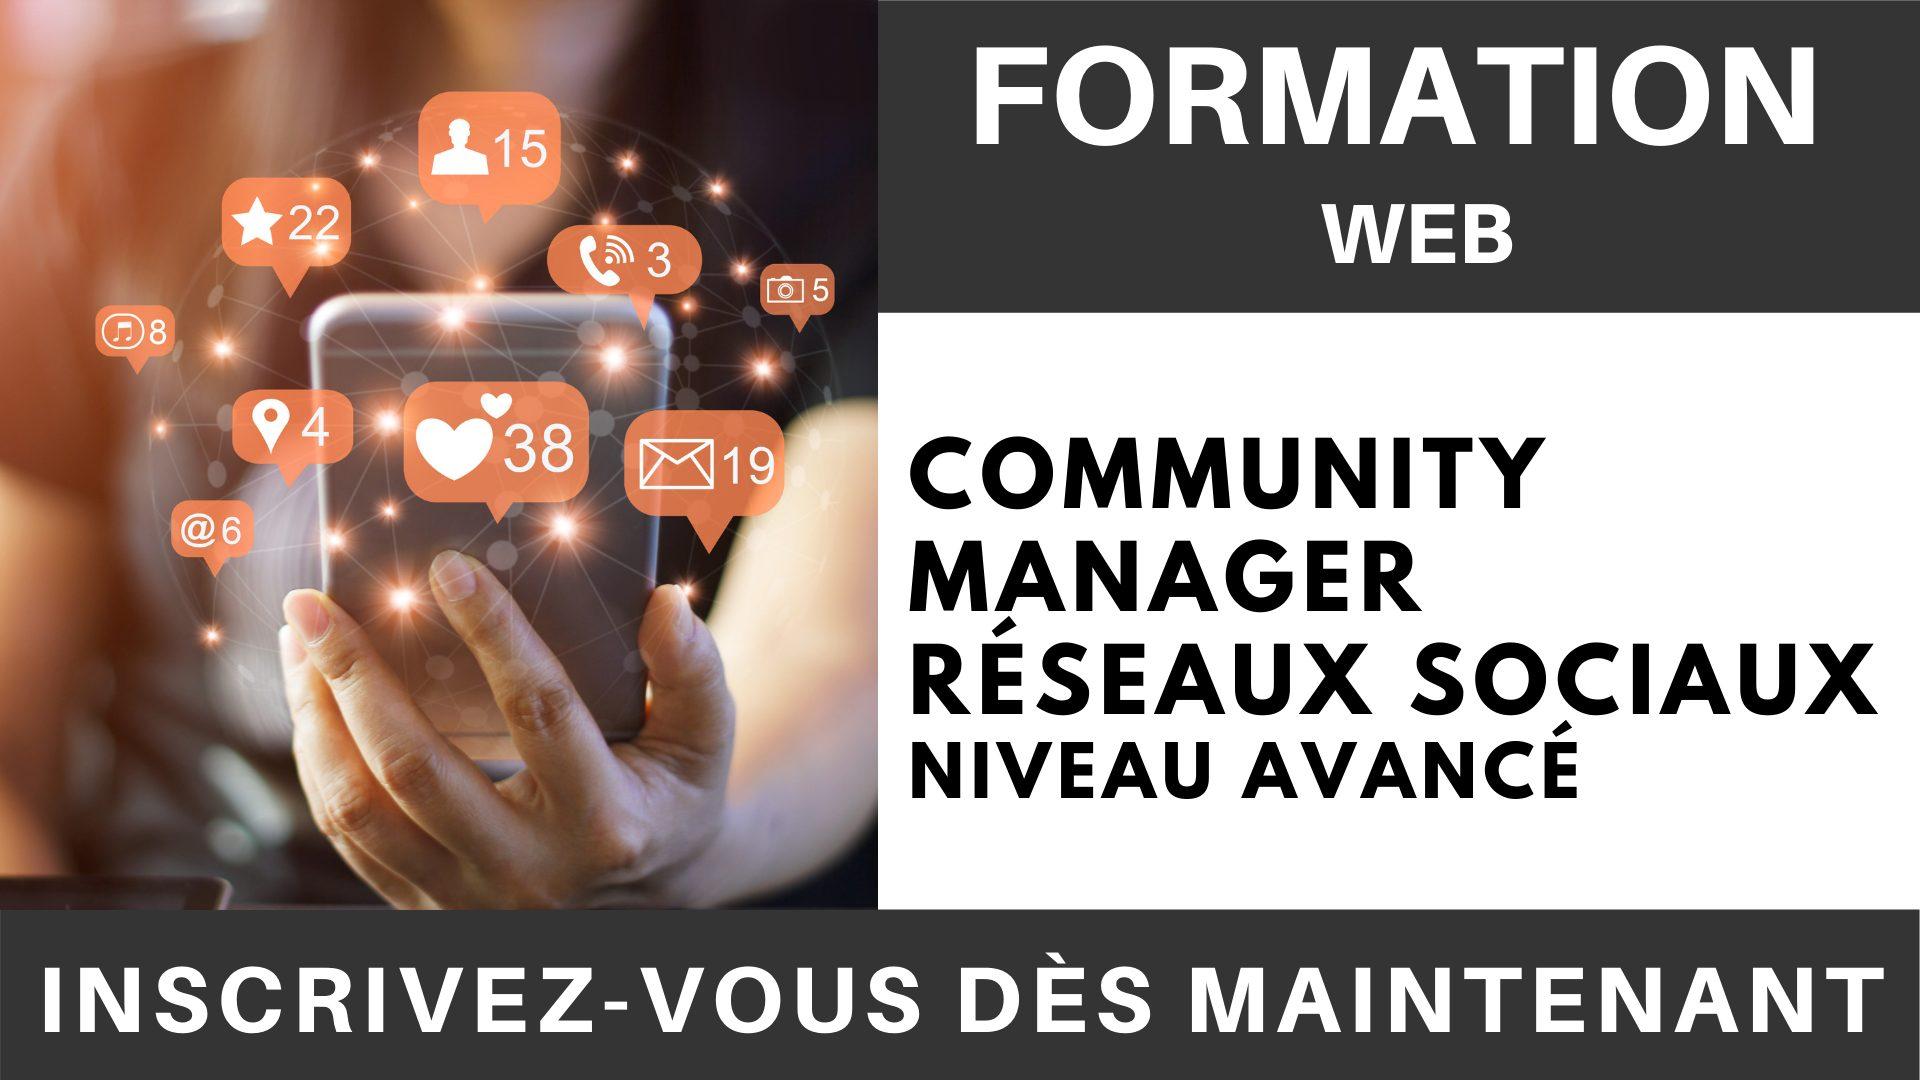 Formation WEB - Community Manager Réseaux sociaux Niveau Avancé